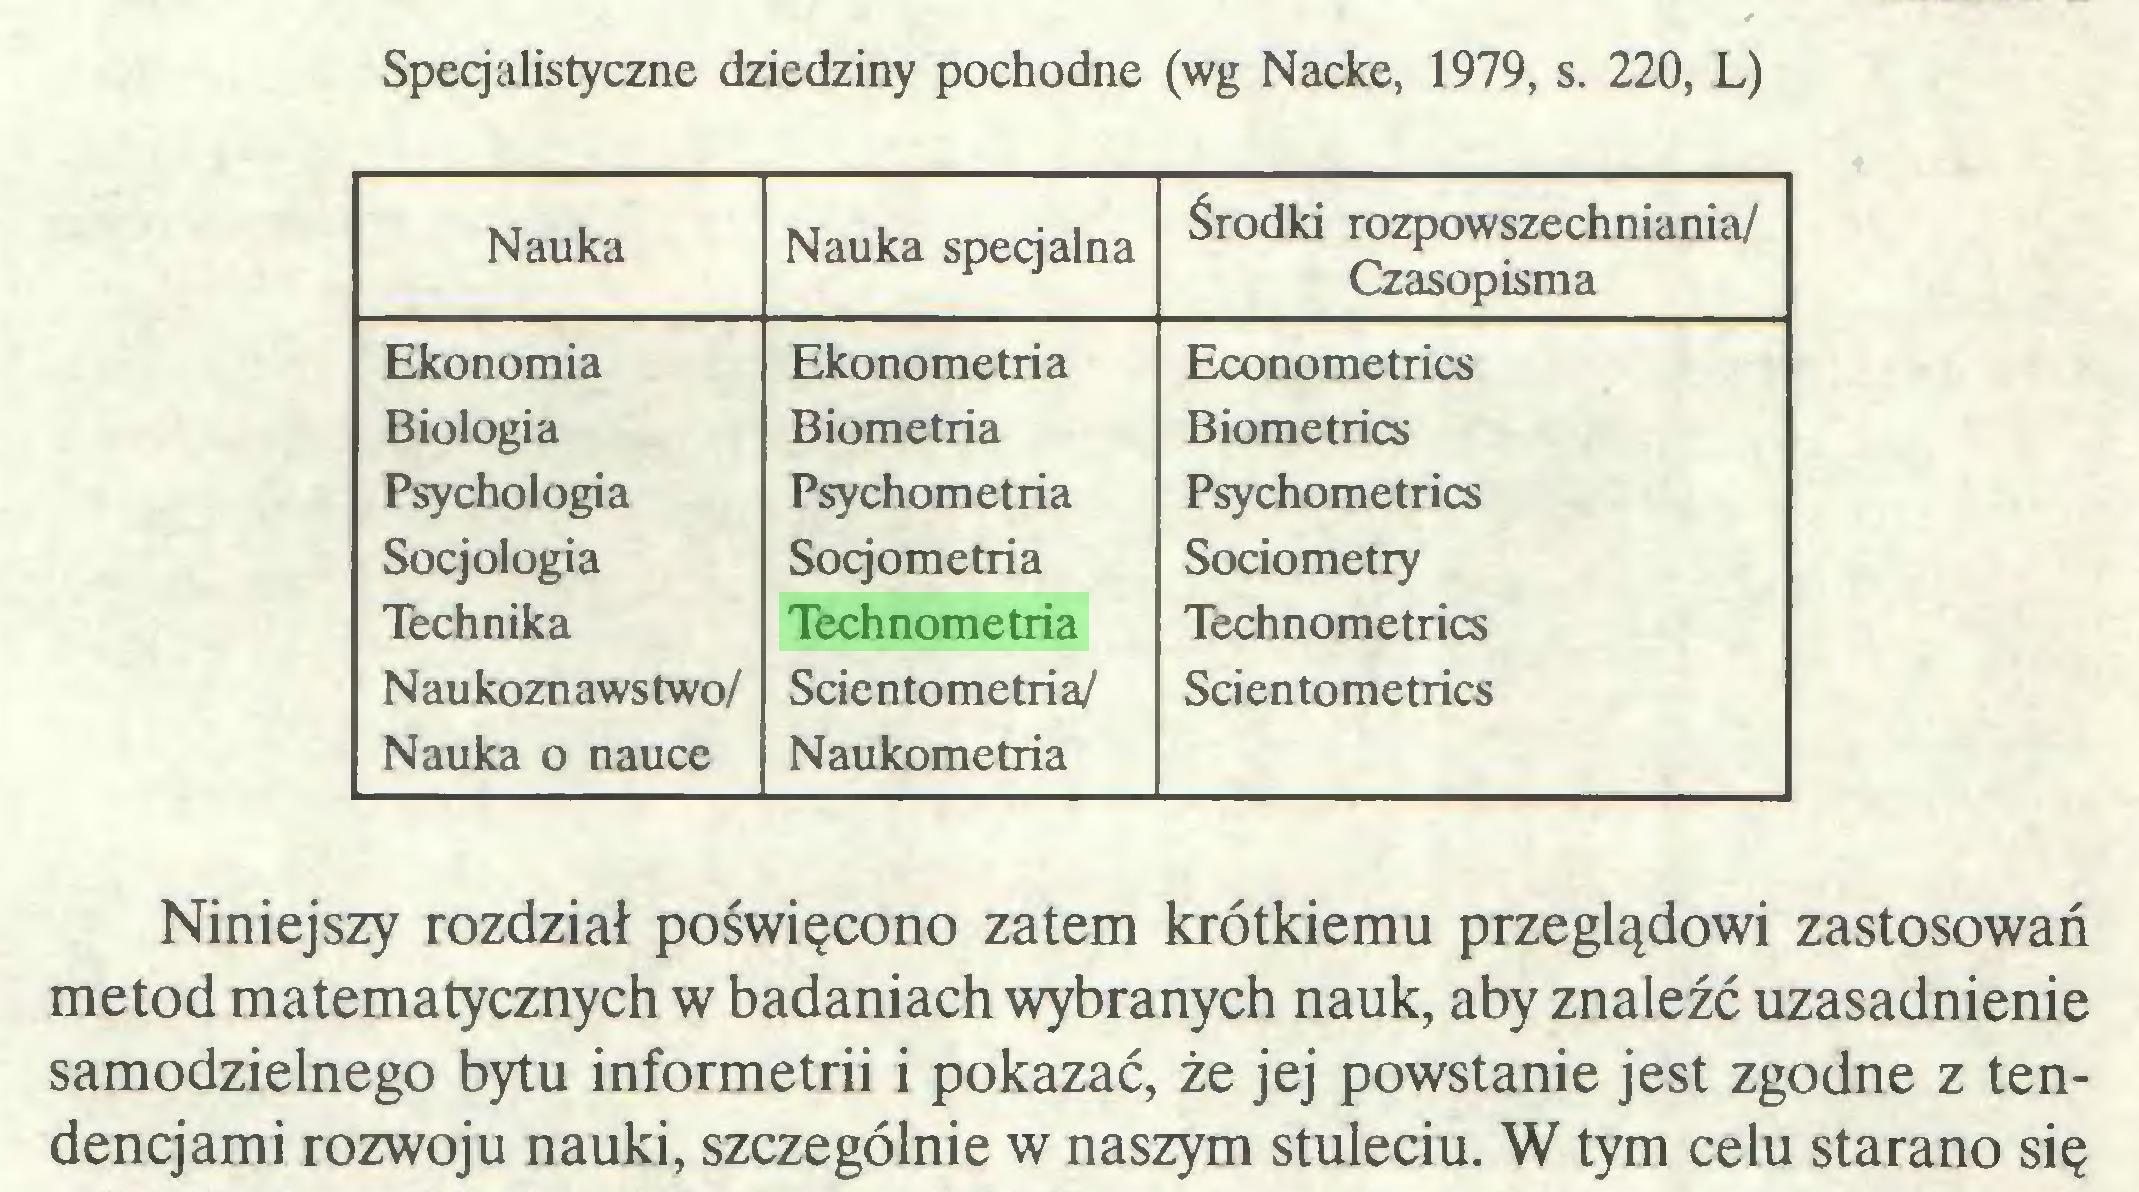 (...) Specjalistyczne dziedziny pochodne (wg Nacke, 1979, s. 220, L) Nauka Nauka specjalna Środki rozpowszechniania/ Czasopisma Ekonomia Biologia Psychologia Socjologia Technika Naukoznawstwo/ Nauka o nauce Ekonometria Biometria Psychometria Socjometria Technometria Scientometria/ Naukometria Econometrics Biometrics Psychometrics Sociometry Technometrics Scientometrics Niniejszy rozdział poświęcono zatem krótkiemu przeglądowi zastosowań metod matematycznych w badaniach wybranych nauk, aby znaleźć uzasadnienie samodzielnego bytu informetrii i pokazać, że jej powstanie jest zgodne z tendencjami rozwoju nauki, szczególnie w naszym stuleciu. W tym celu starano się...